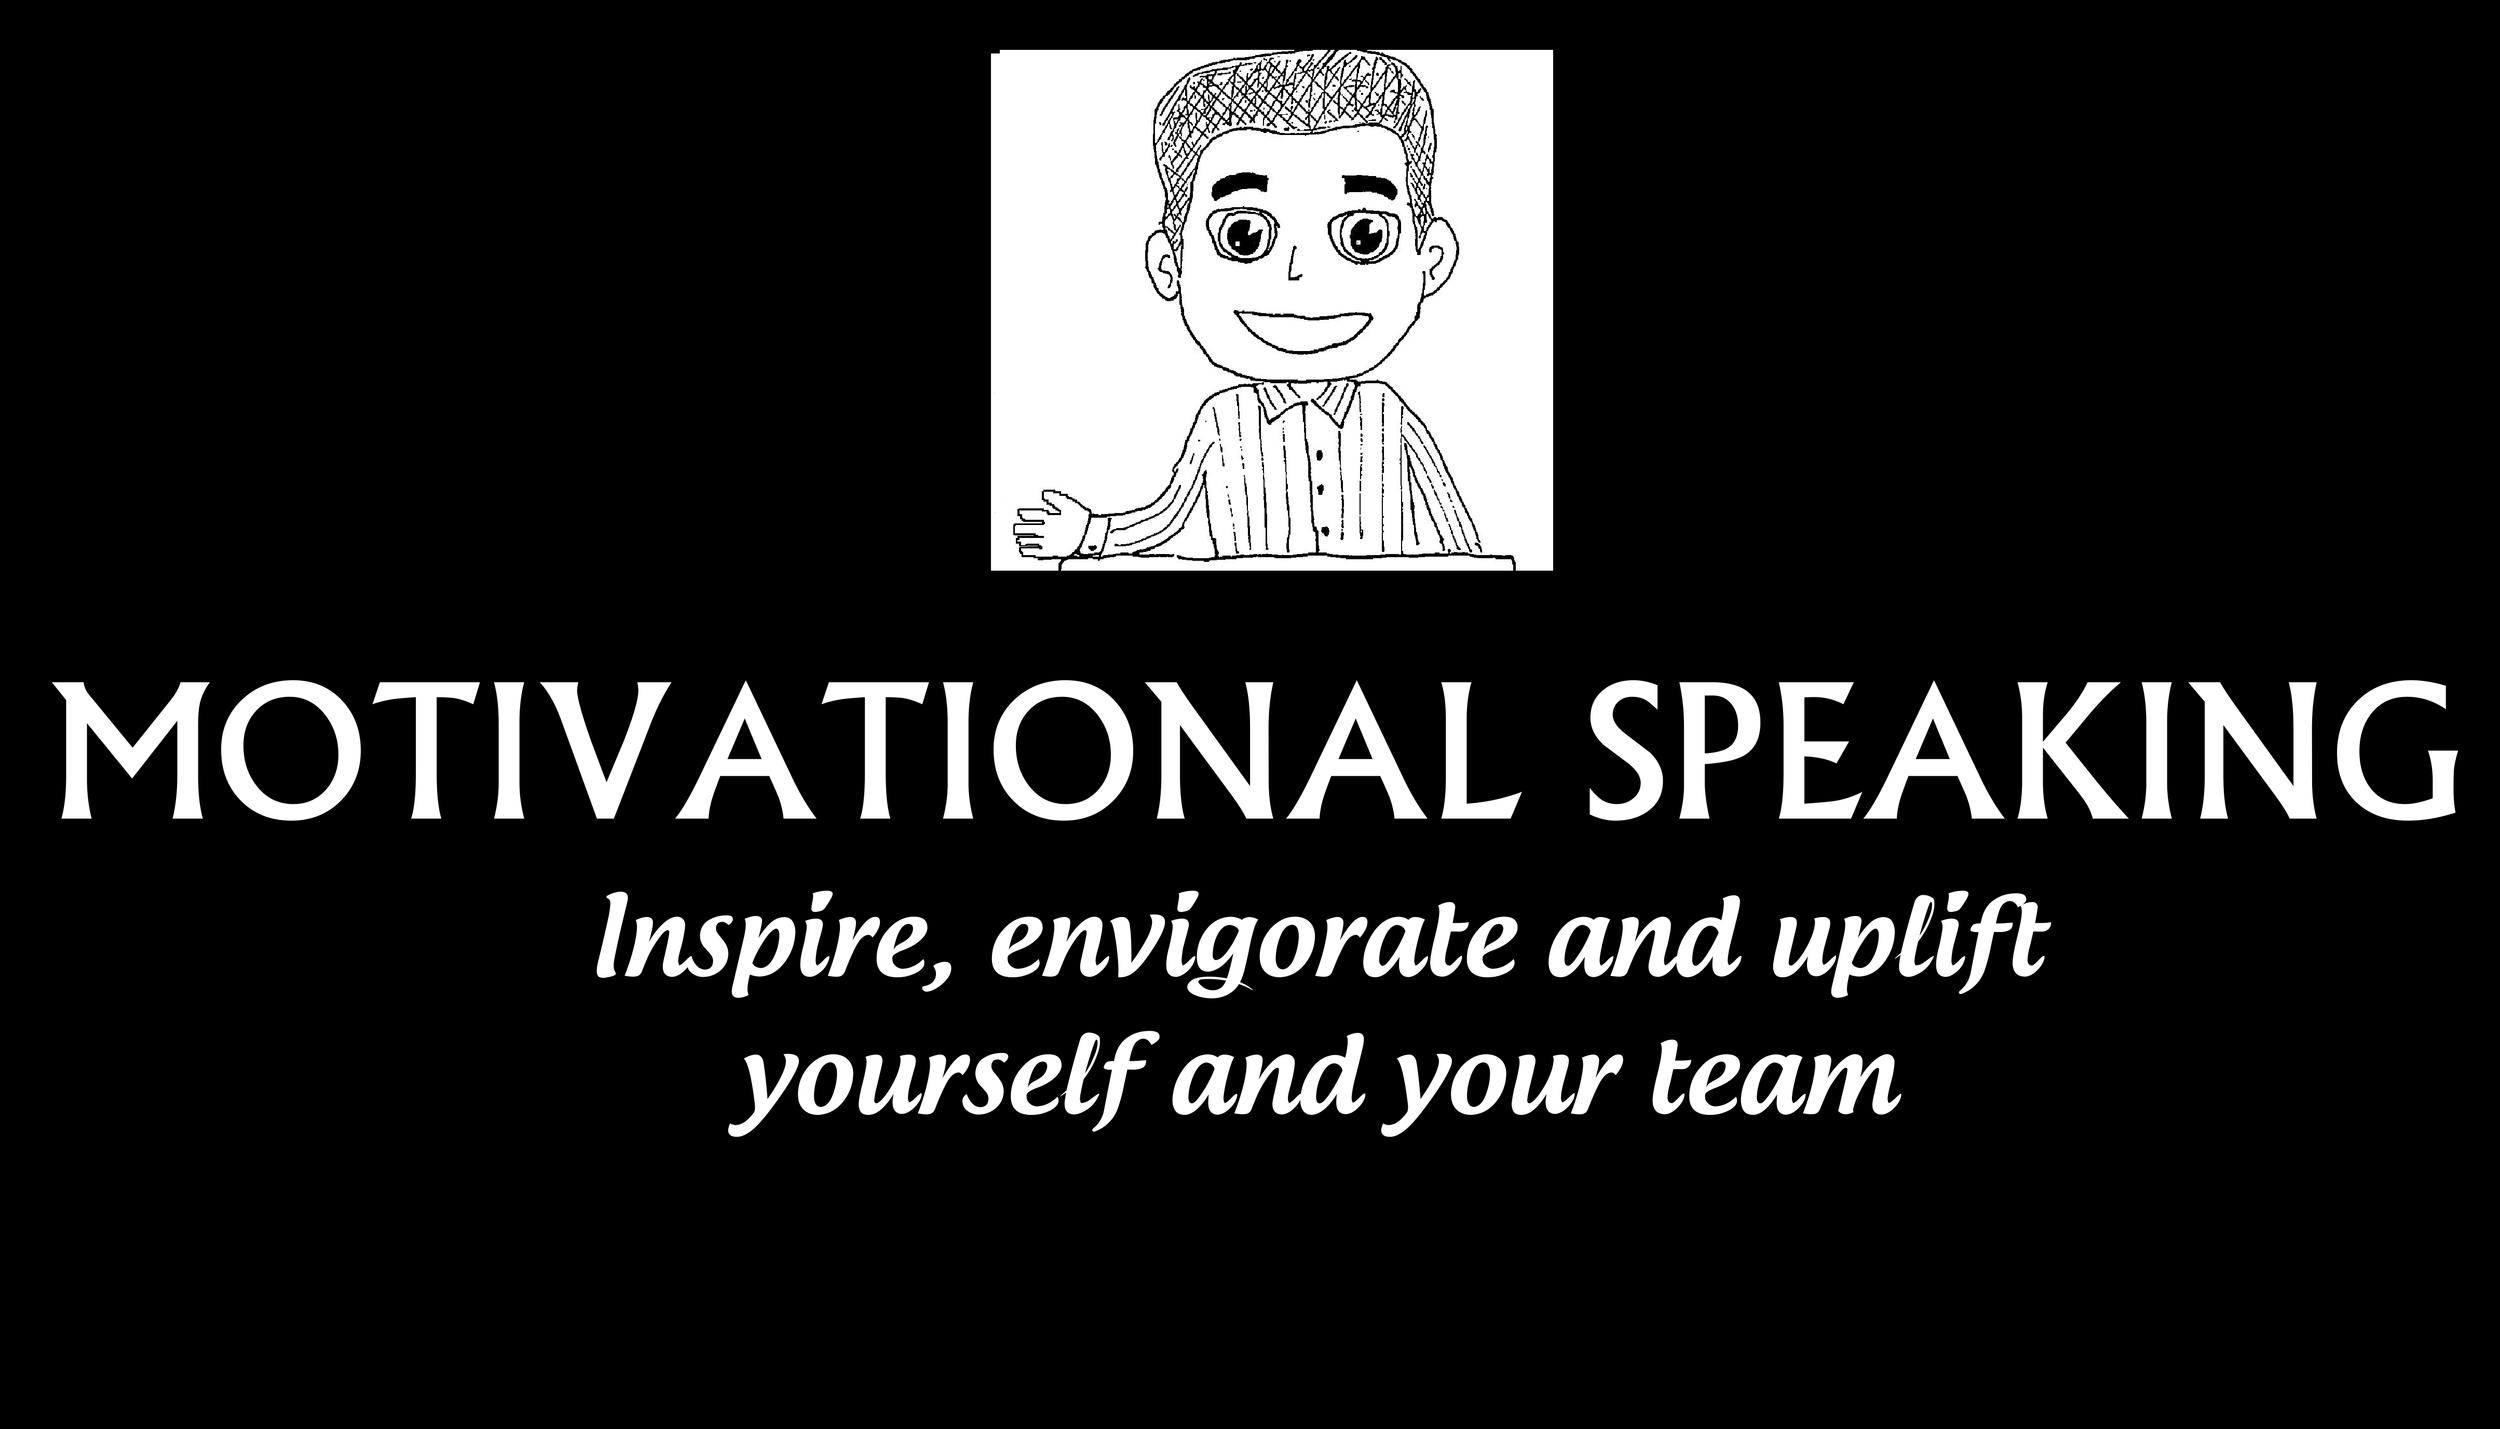 Motivational Speaking.jpg